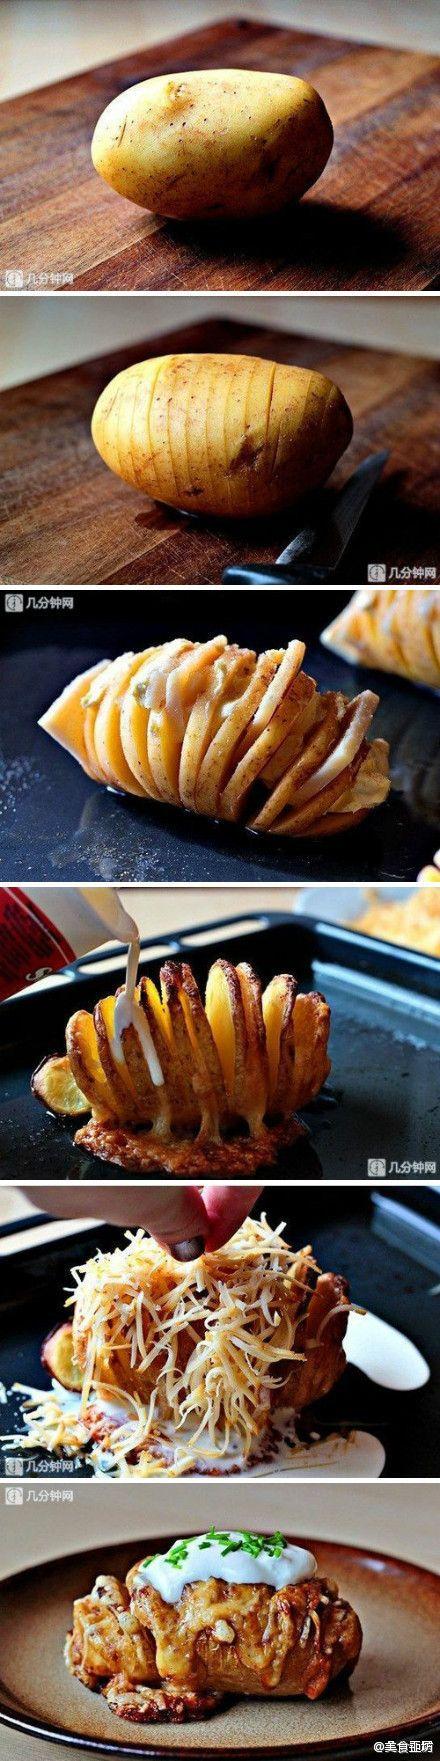 Çiğ patatesi tam bölmeden dilim,dilim kesiniz. İçine bol kaşar ekleyiniz. Biraz kızardıktan sonra tekrar rendelenmiş kaşar ve arzu ederseniz biraz krema dökerek 5 dk daha 150 derecelik fırında pişi…